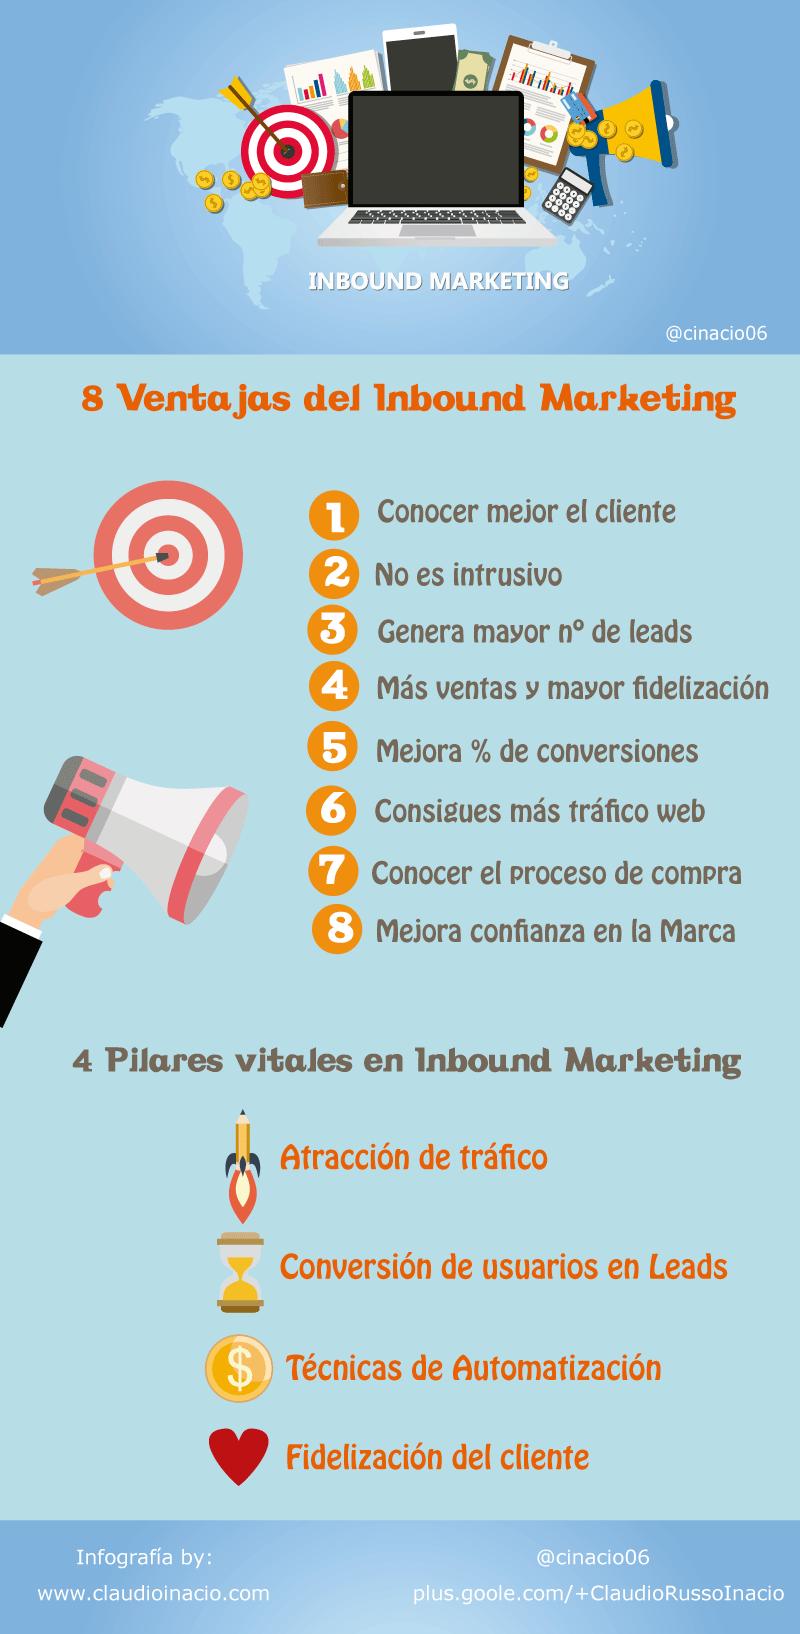 8 ventajas y 4 pilares del Inbound Marketing